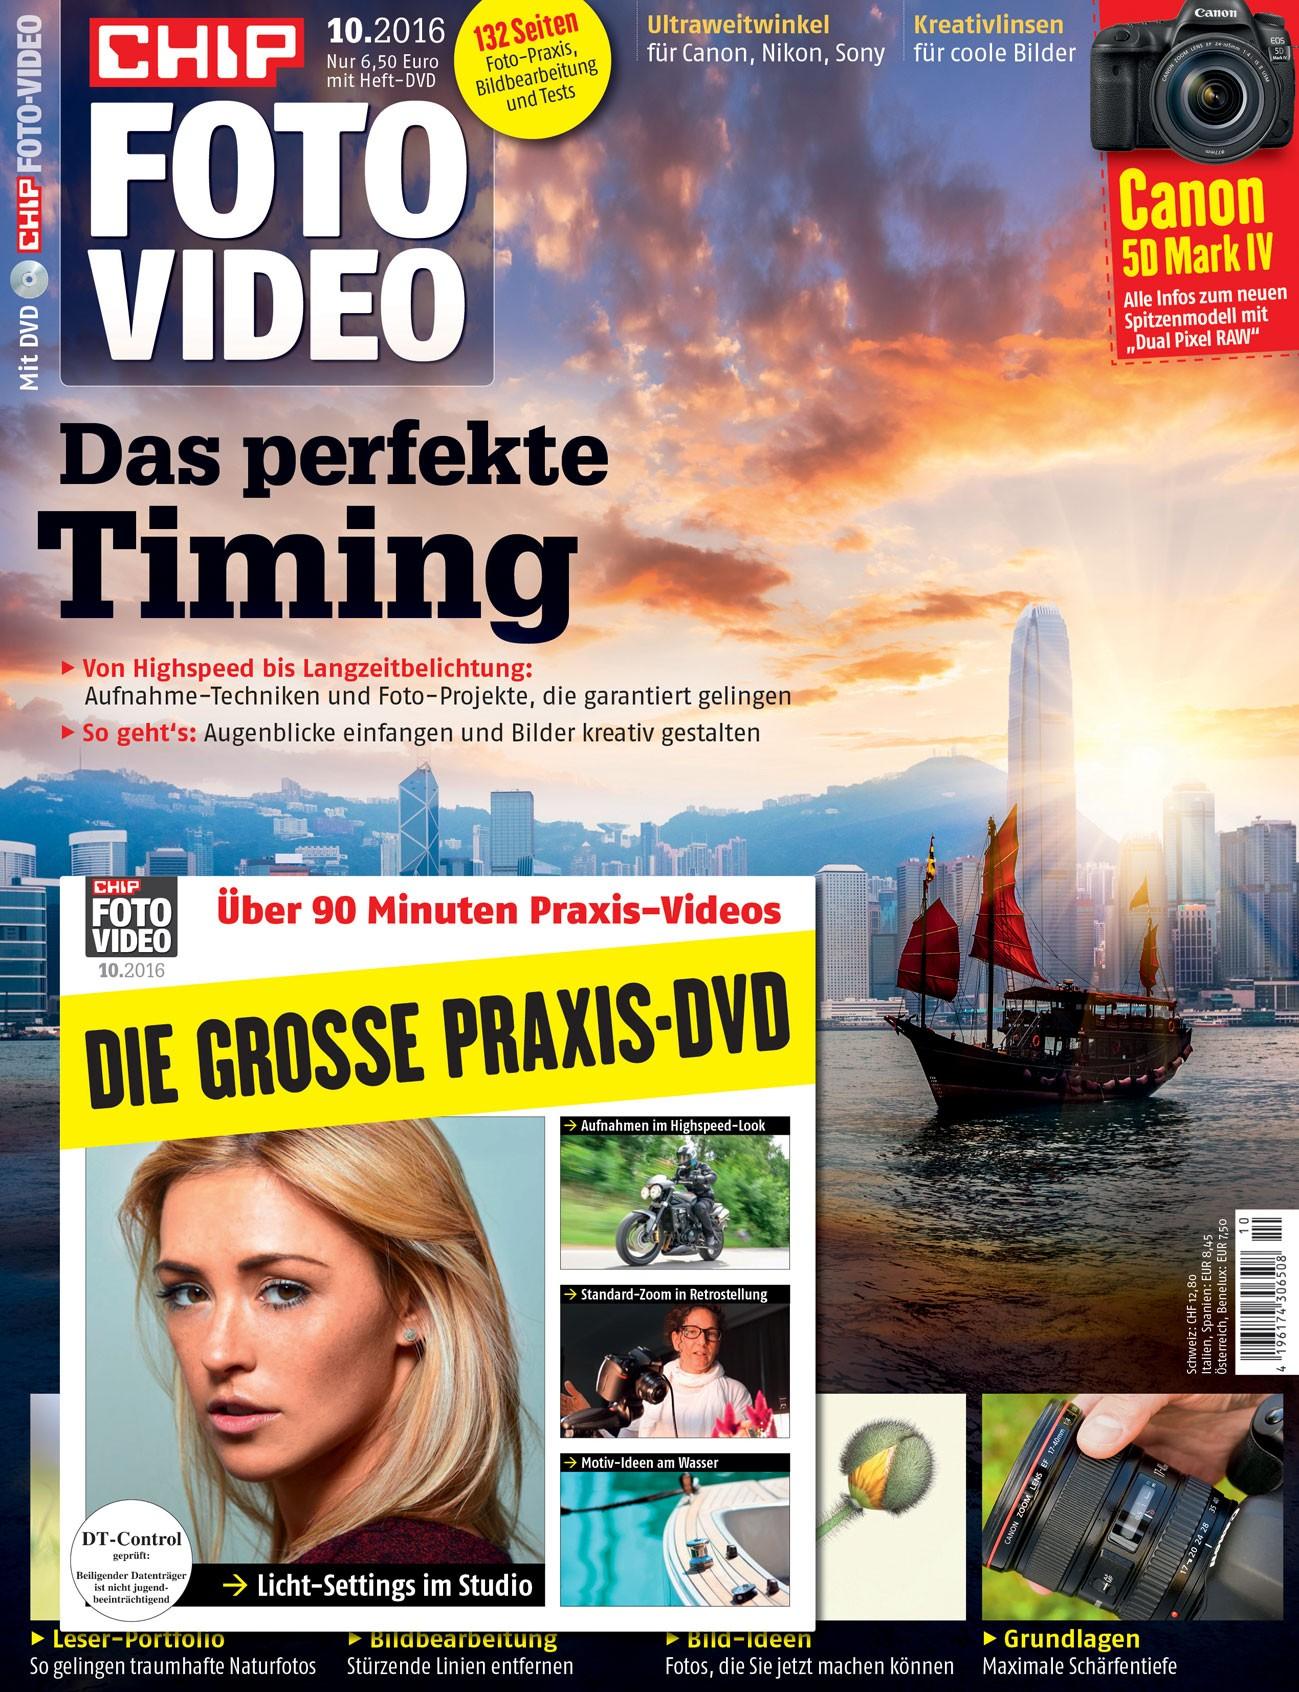 6 Ausgaben CHIP FOTO-VIDEO mit DVD --> 6,90 € (durch 30 € Gutscheinprämie)